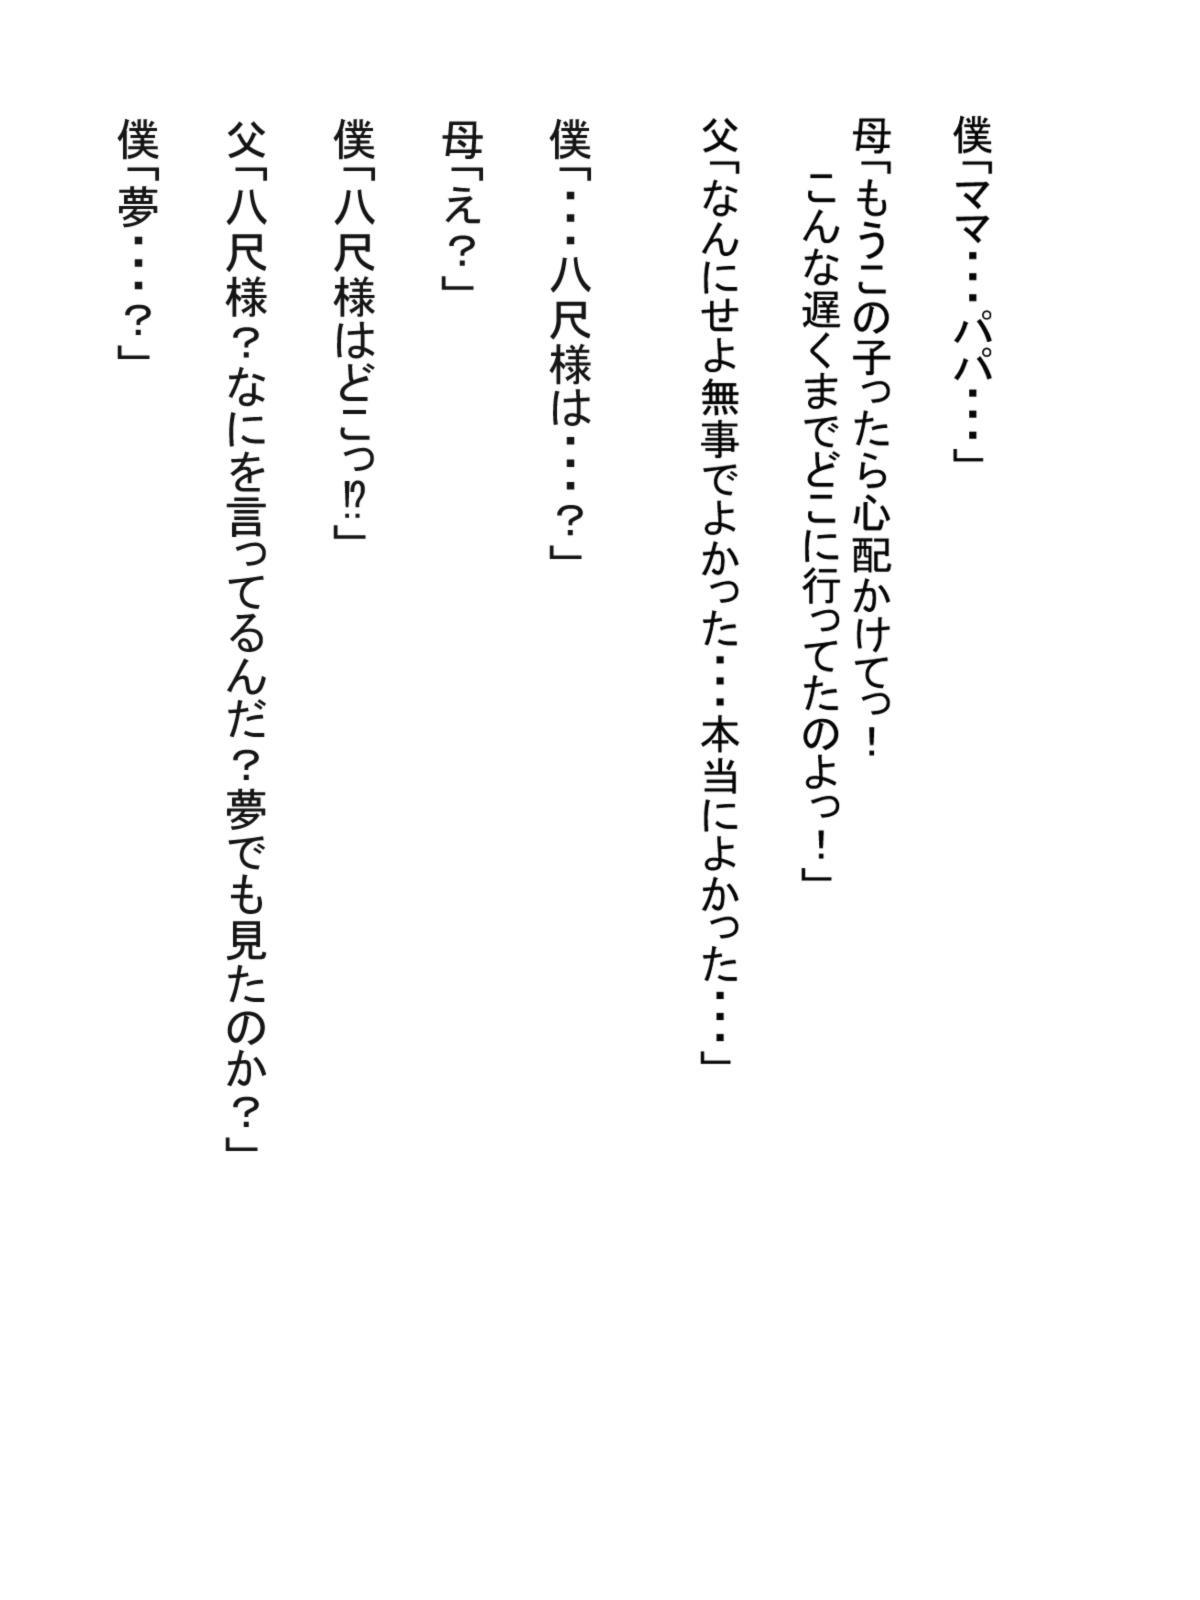 Hasshaku-sama to Boku no Paizuri Memories 73